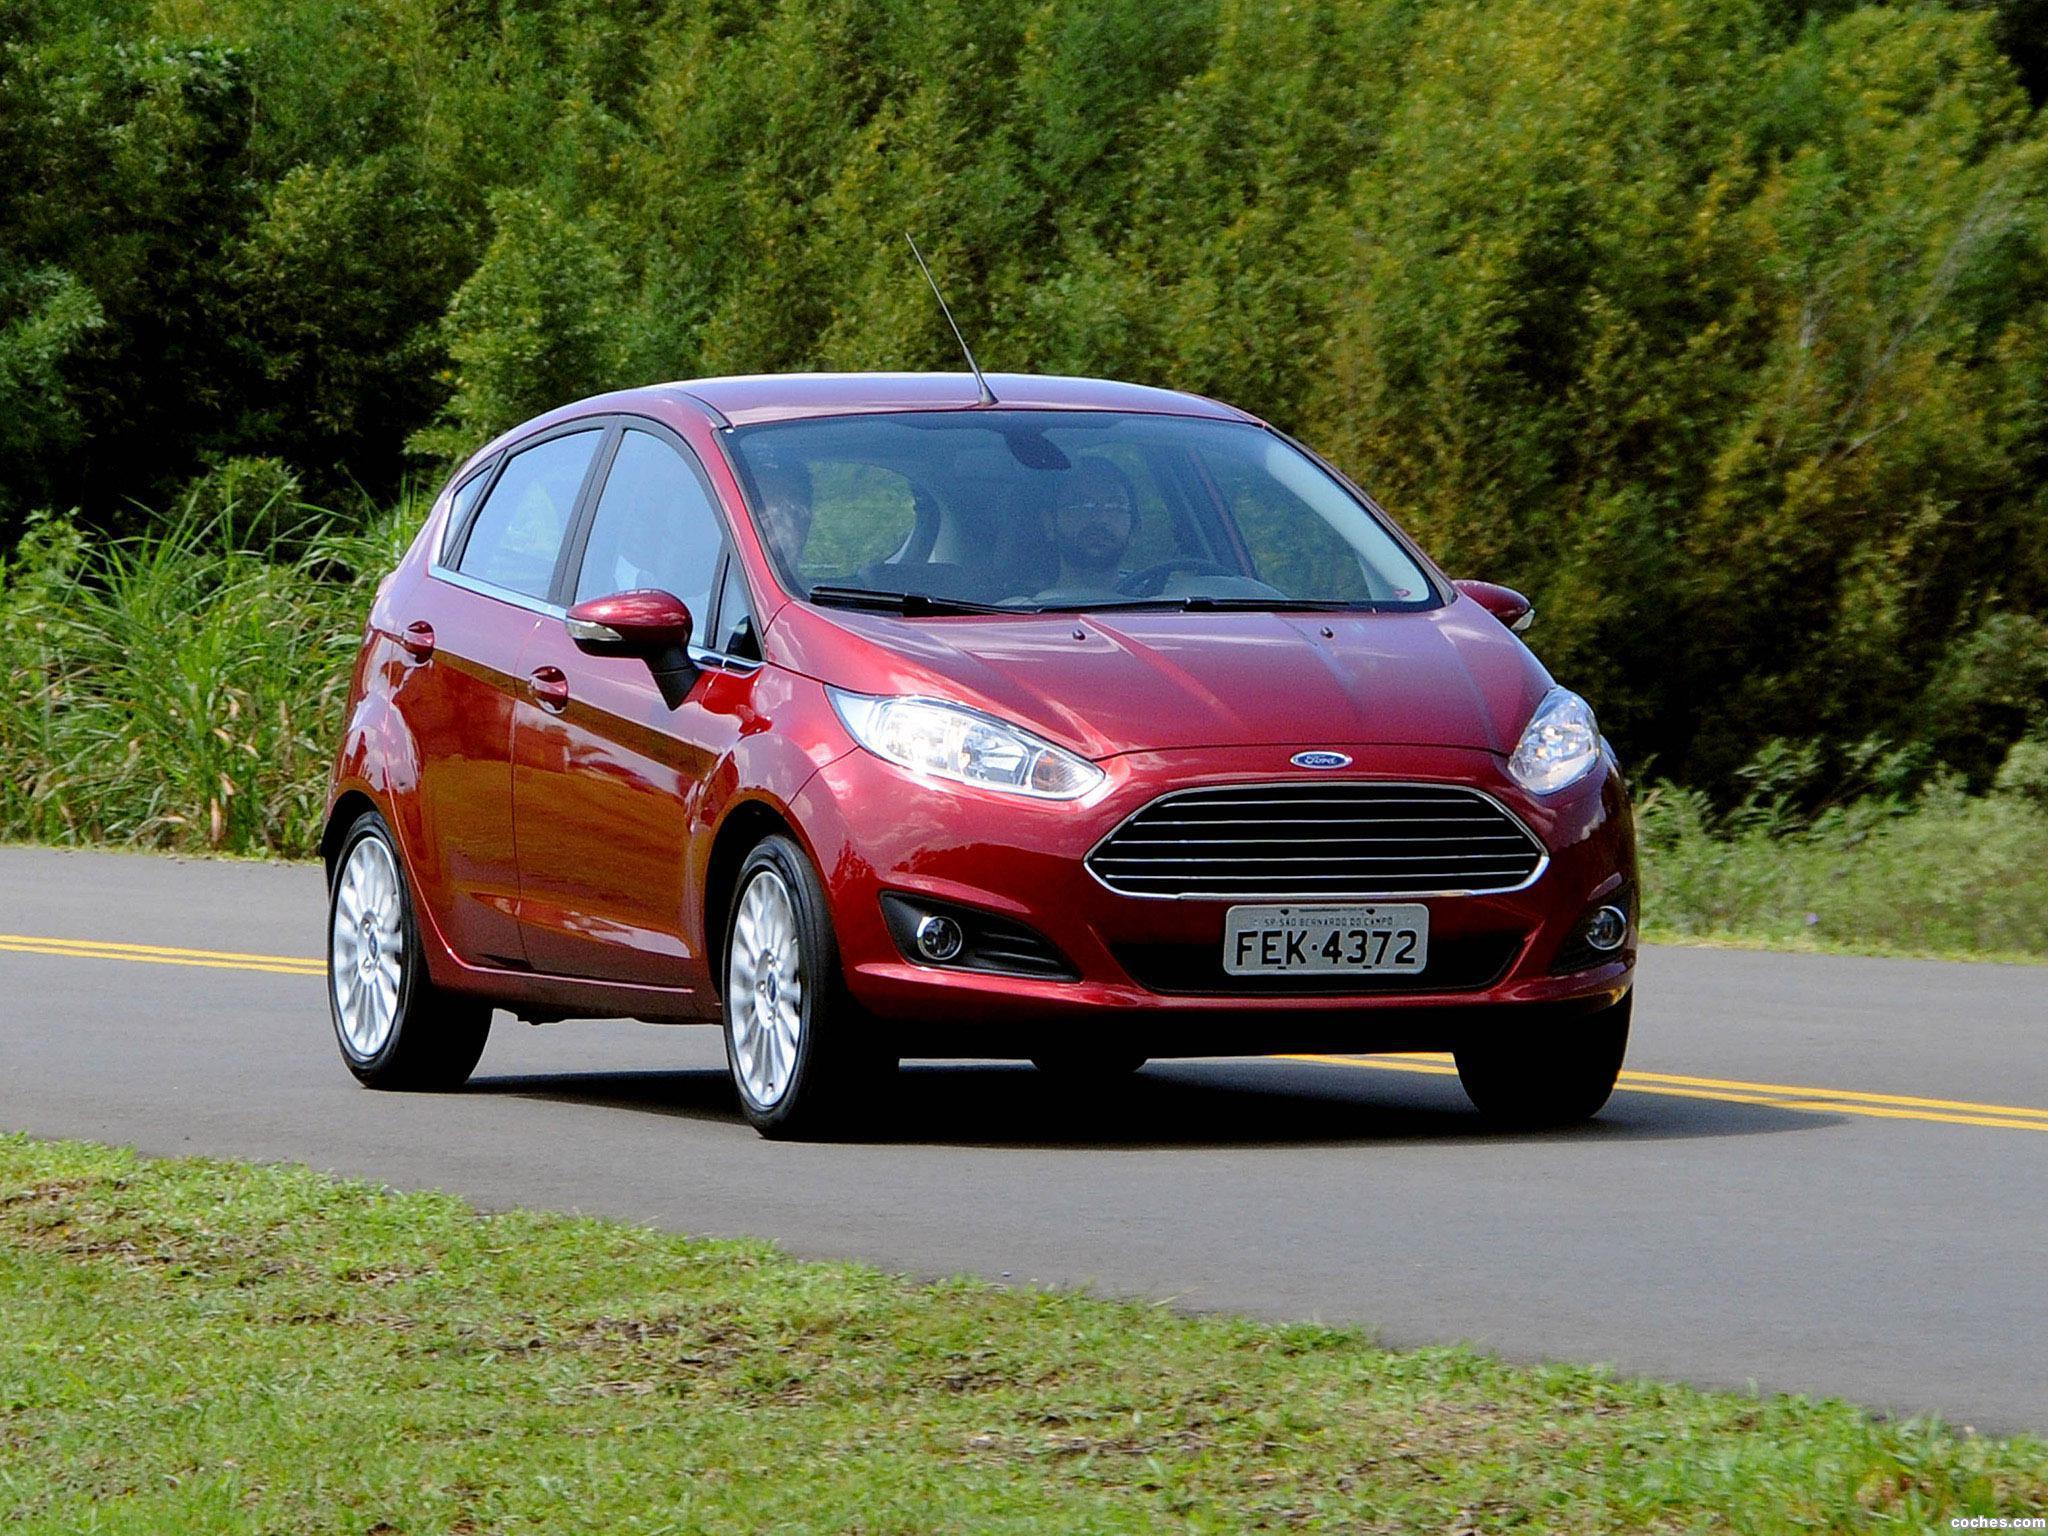 Foto 5 de Ford Fiesta Brasil 2014